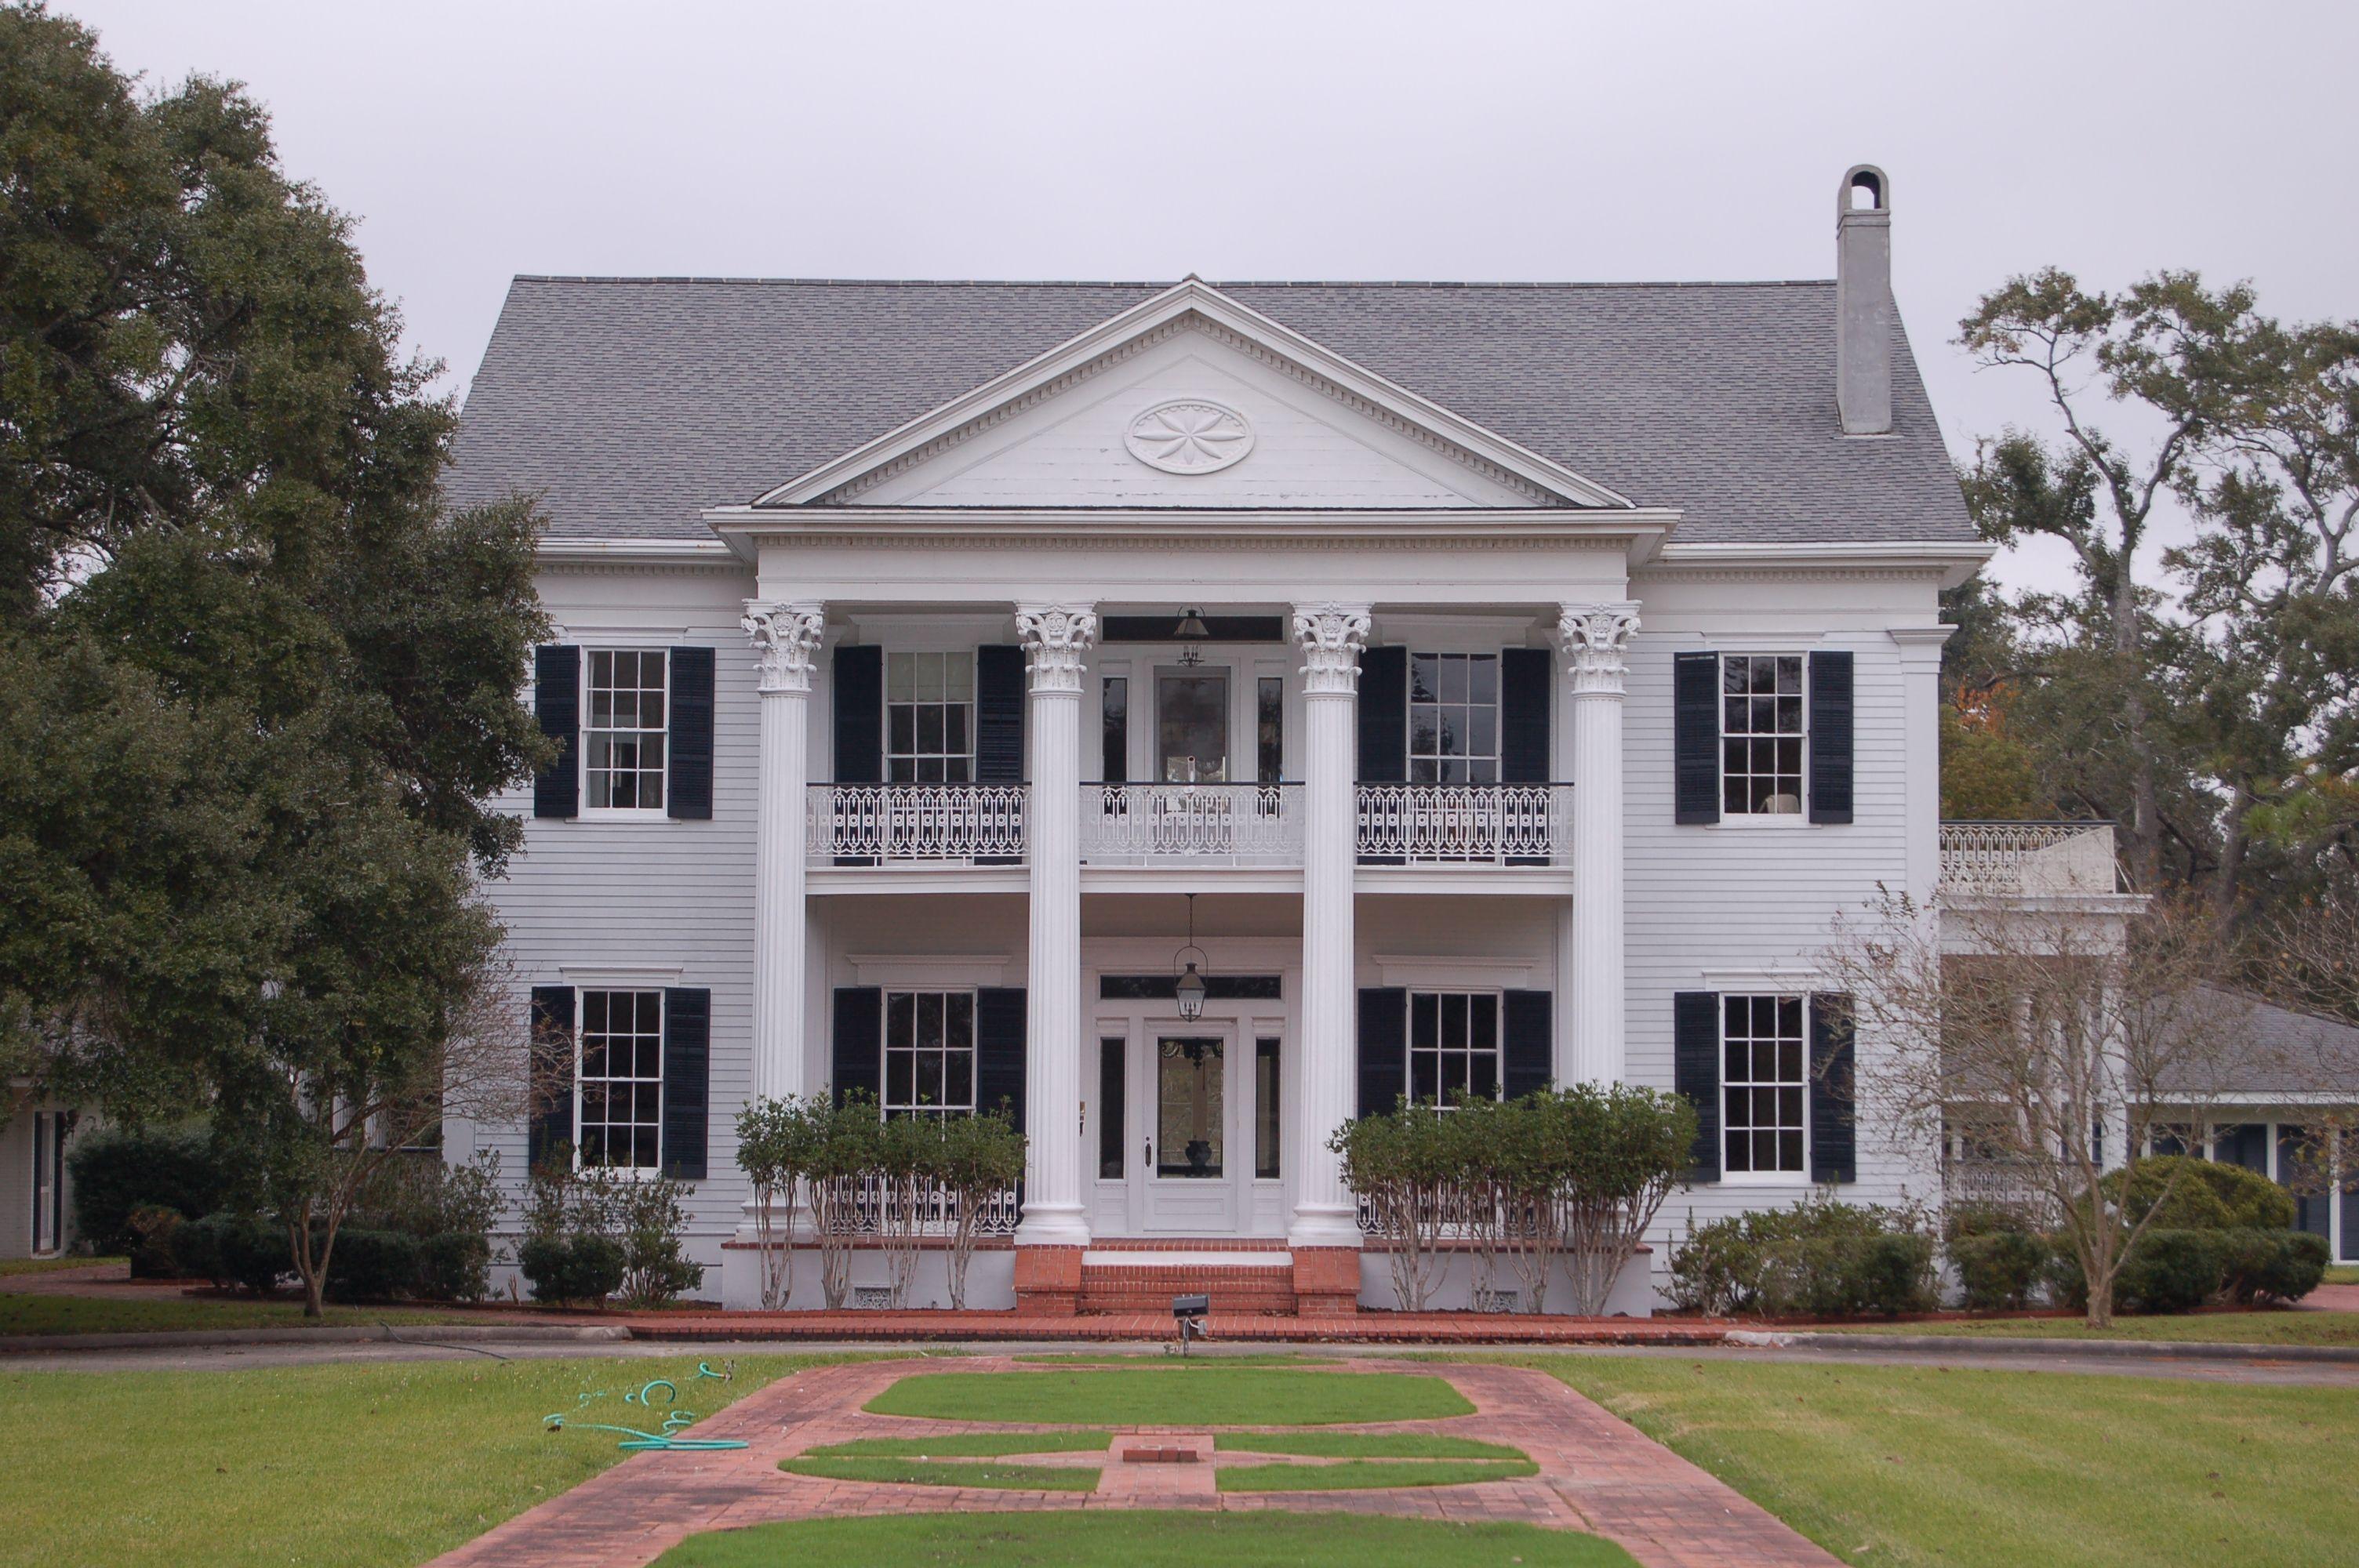 Arlington Plantation House, Franklin, Louisiana  If I ever win the